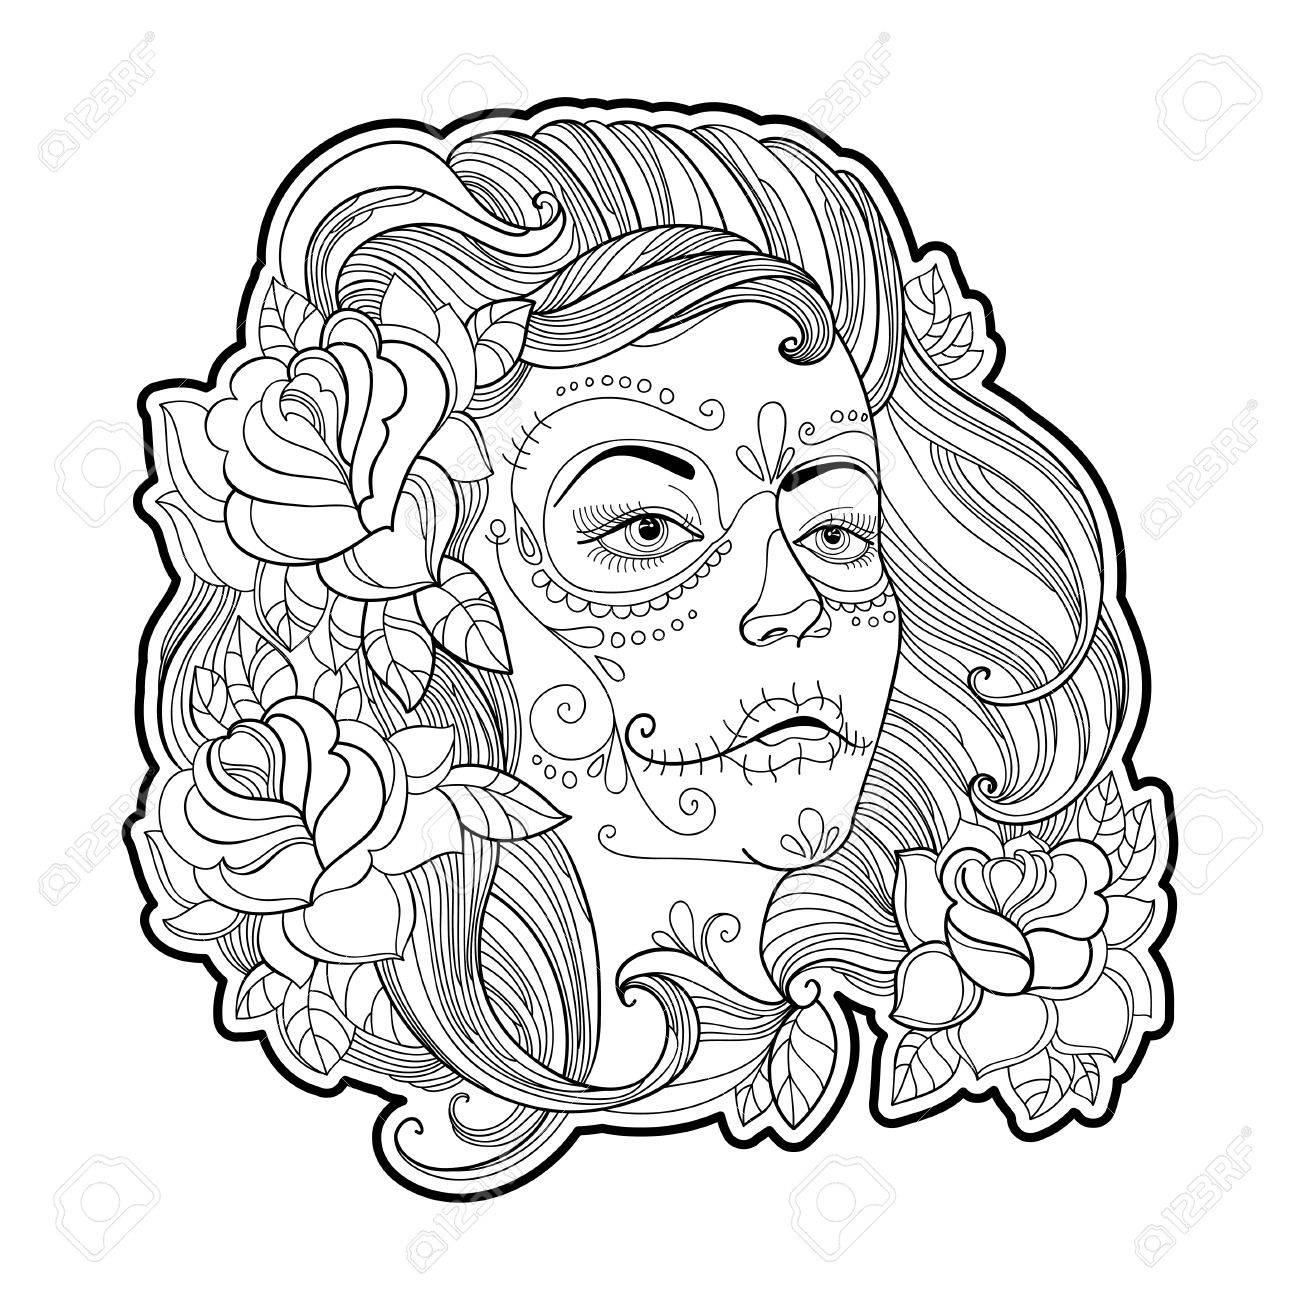 Mädchen Gesicht Mit Zucker Schädel Oder Calavera Catrina Make-up Und ...